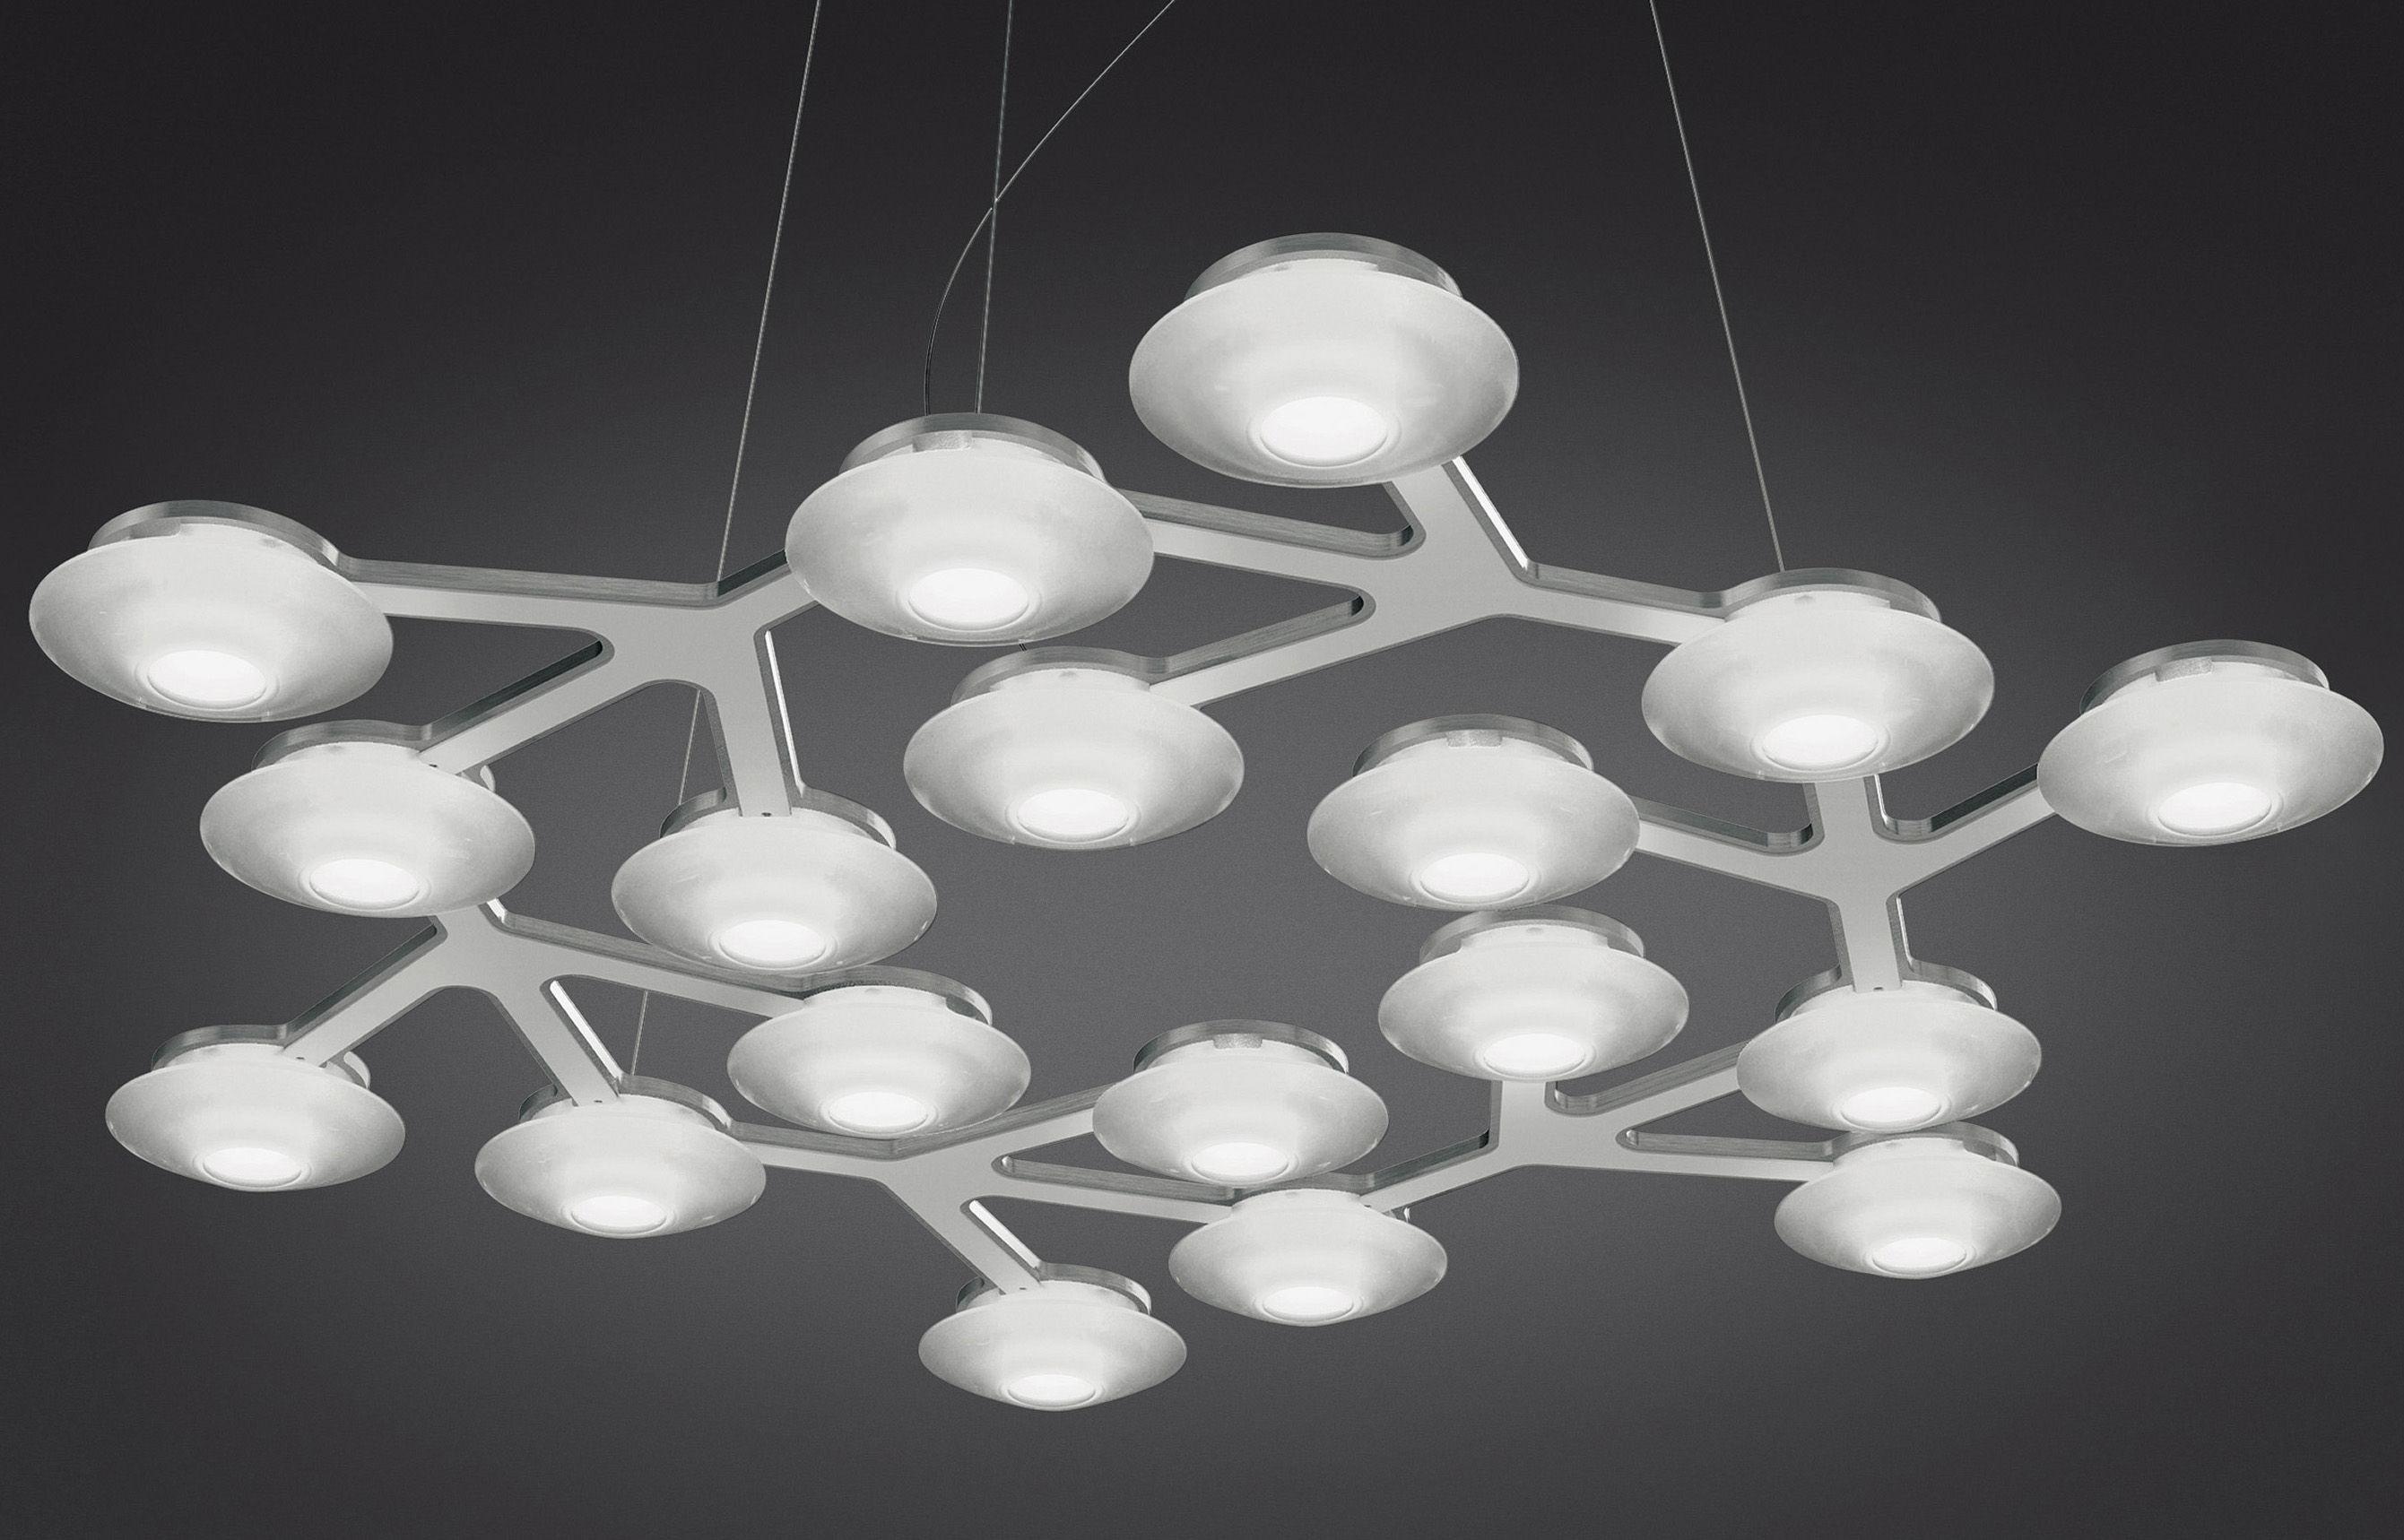 Leuchten - Pendelleuchten - LED NET Pendelleuchte rund - Ø 65 cm - Artemide - Weiß - bemaltes Aluminium, Methacrylate